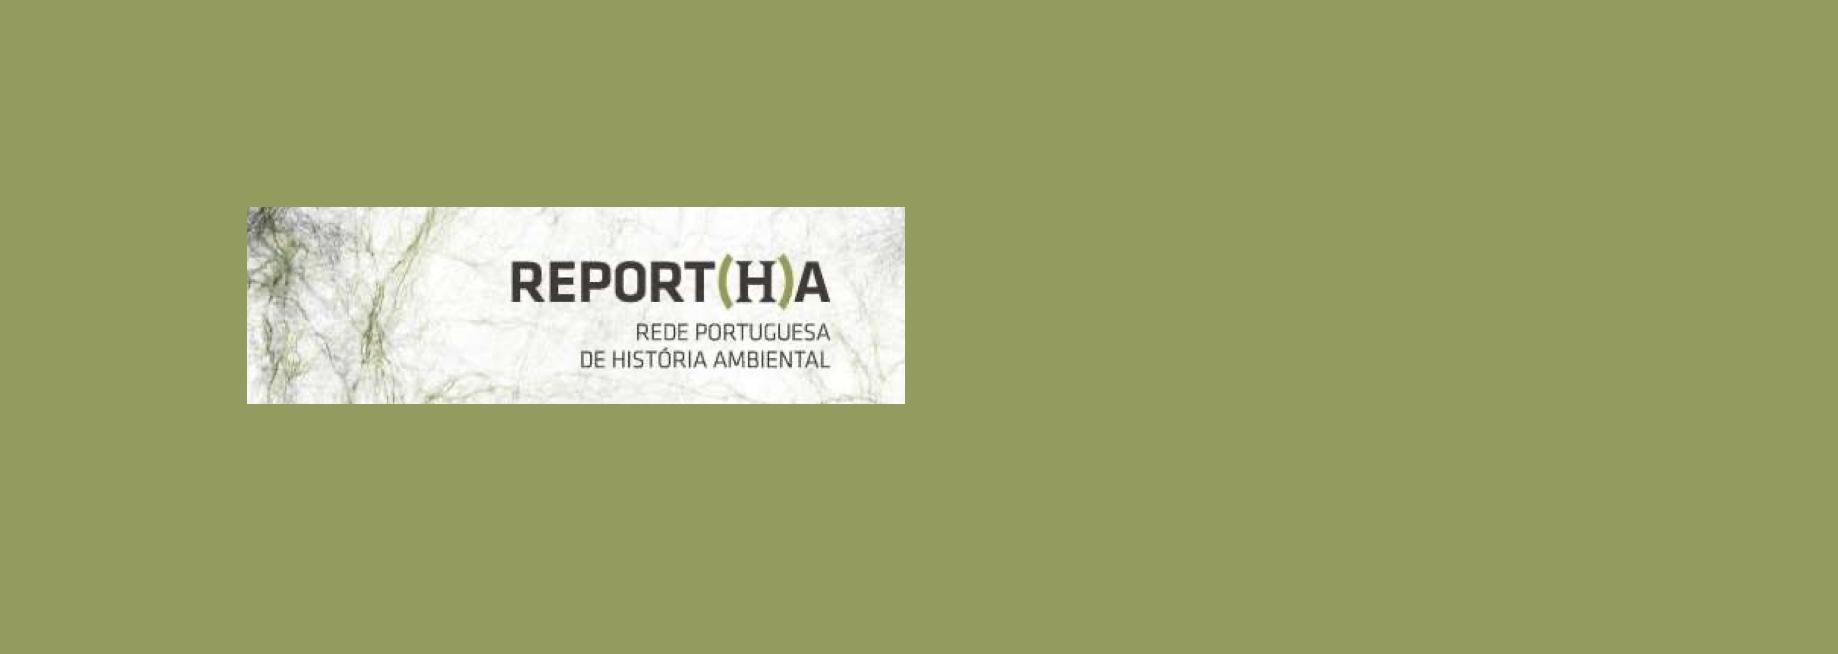 IV Meeting REPORT(H)a Sapiens, Saúde e Meio Ambiente – Fronteiras Naturais e Artificiais